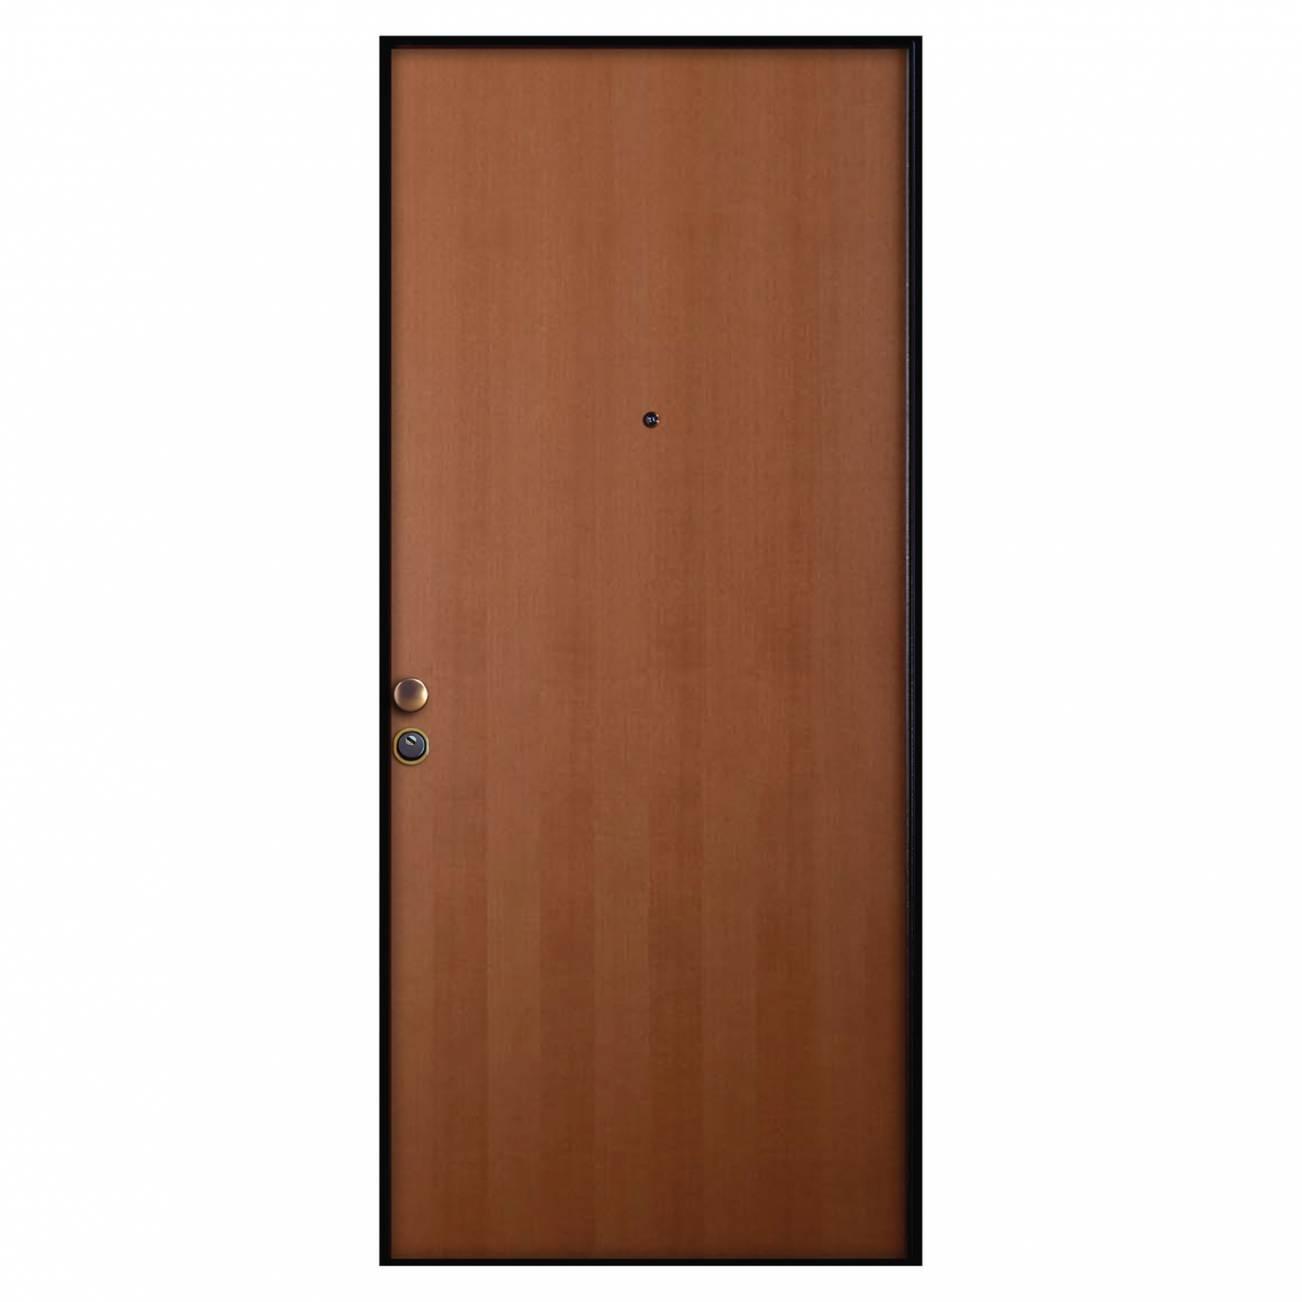 Porta di ingresso guida all 39 acquisto cose di casa - Pannello porta blindata leroy merlin ...